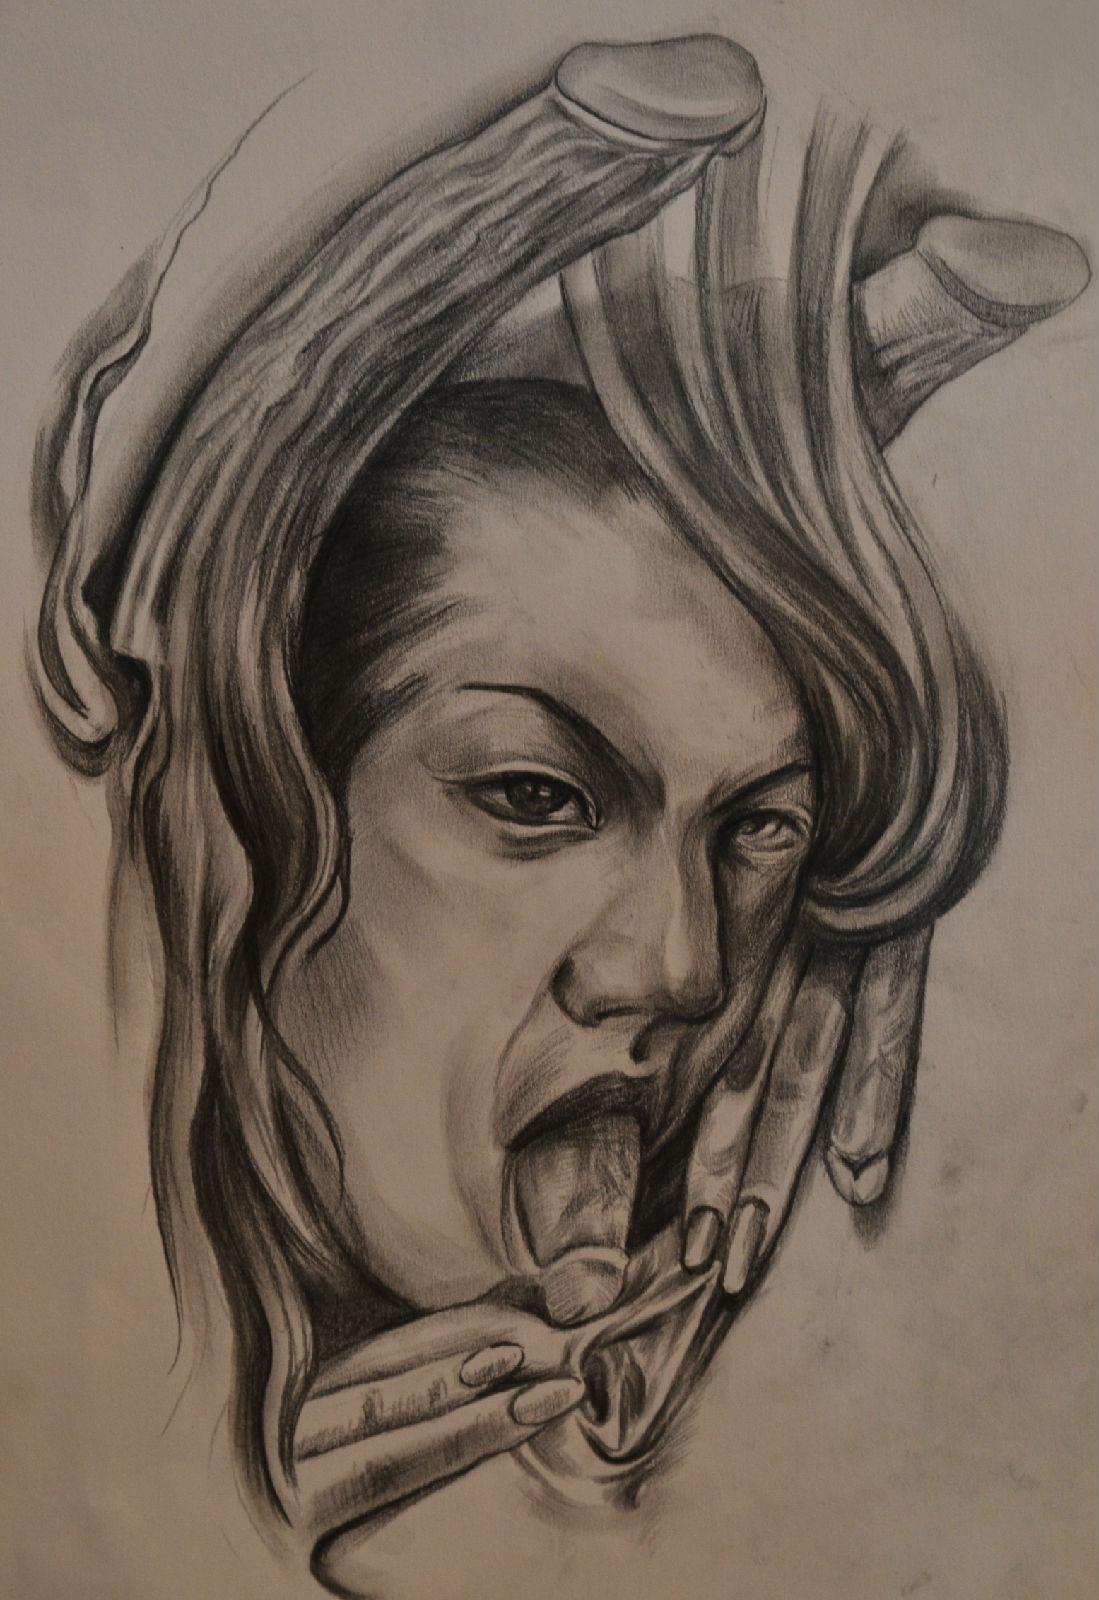 ▁▂▃▄▅临摹纹身大师手稿--北京地区诚招手稿模特数名▅▄▃▂▁图片